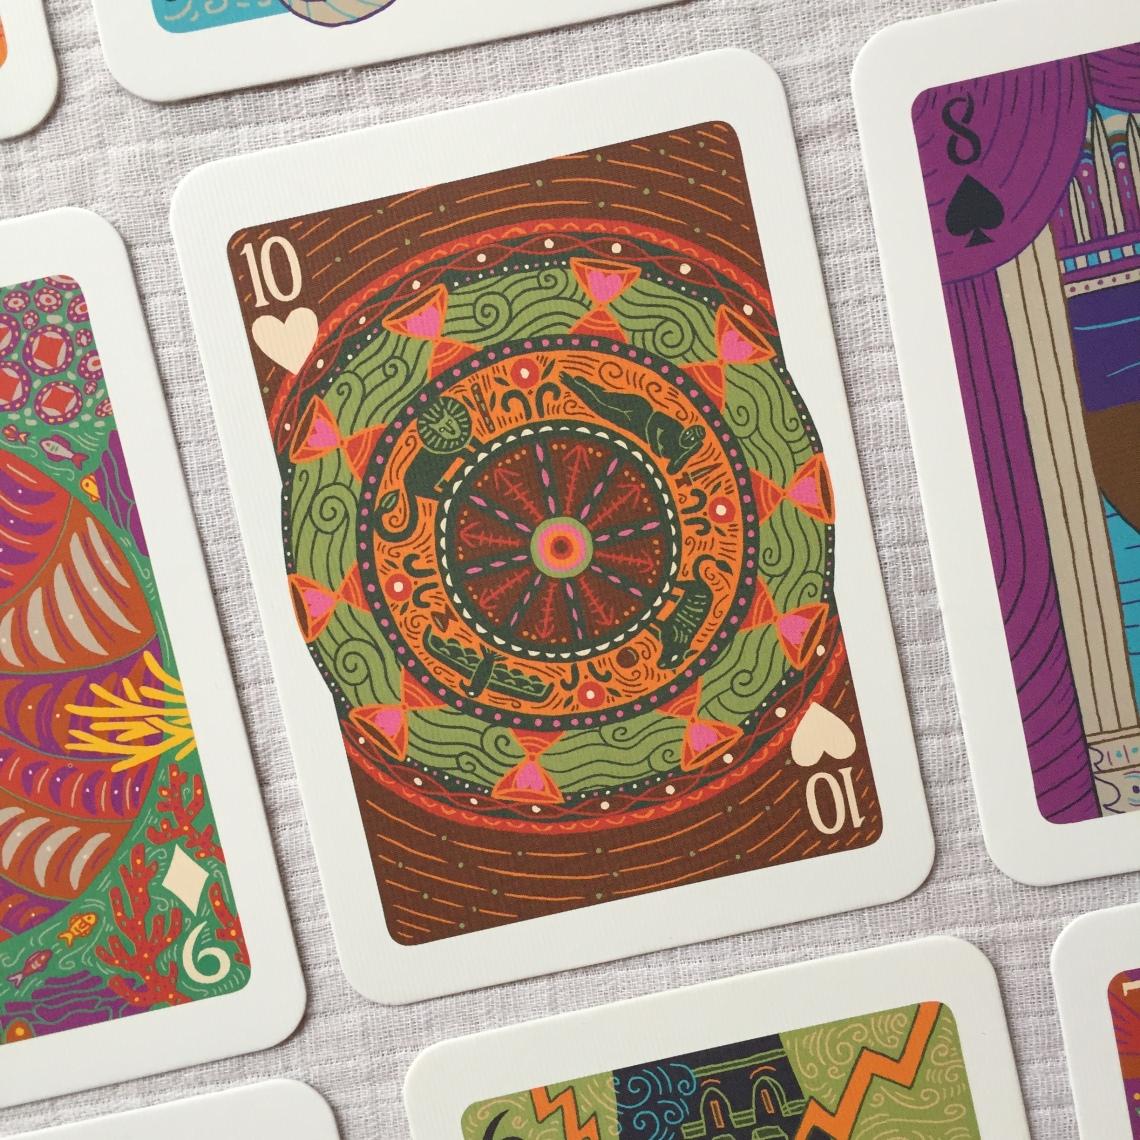 The Wheel of Fortune The Illuminated Tarot